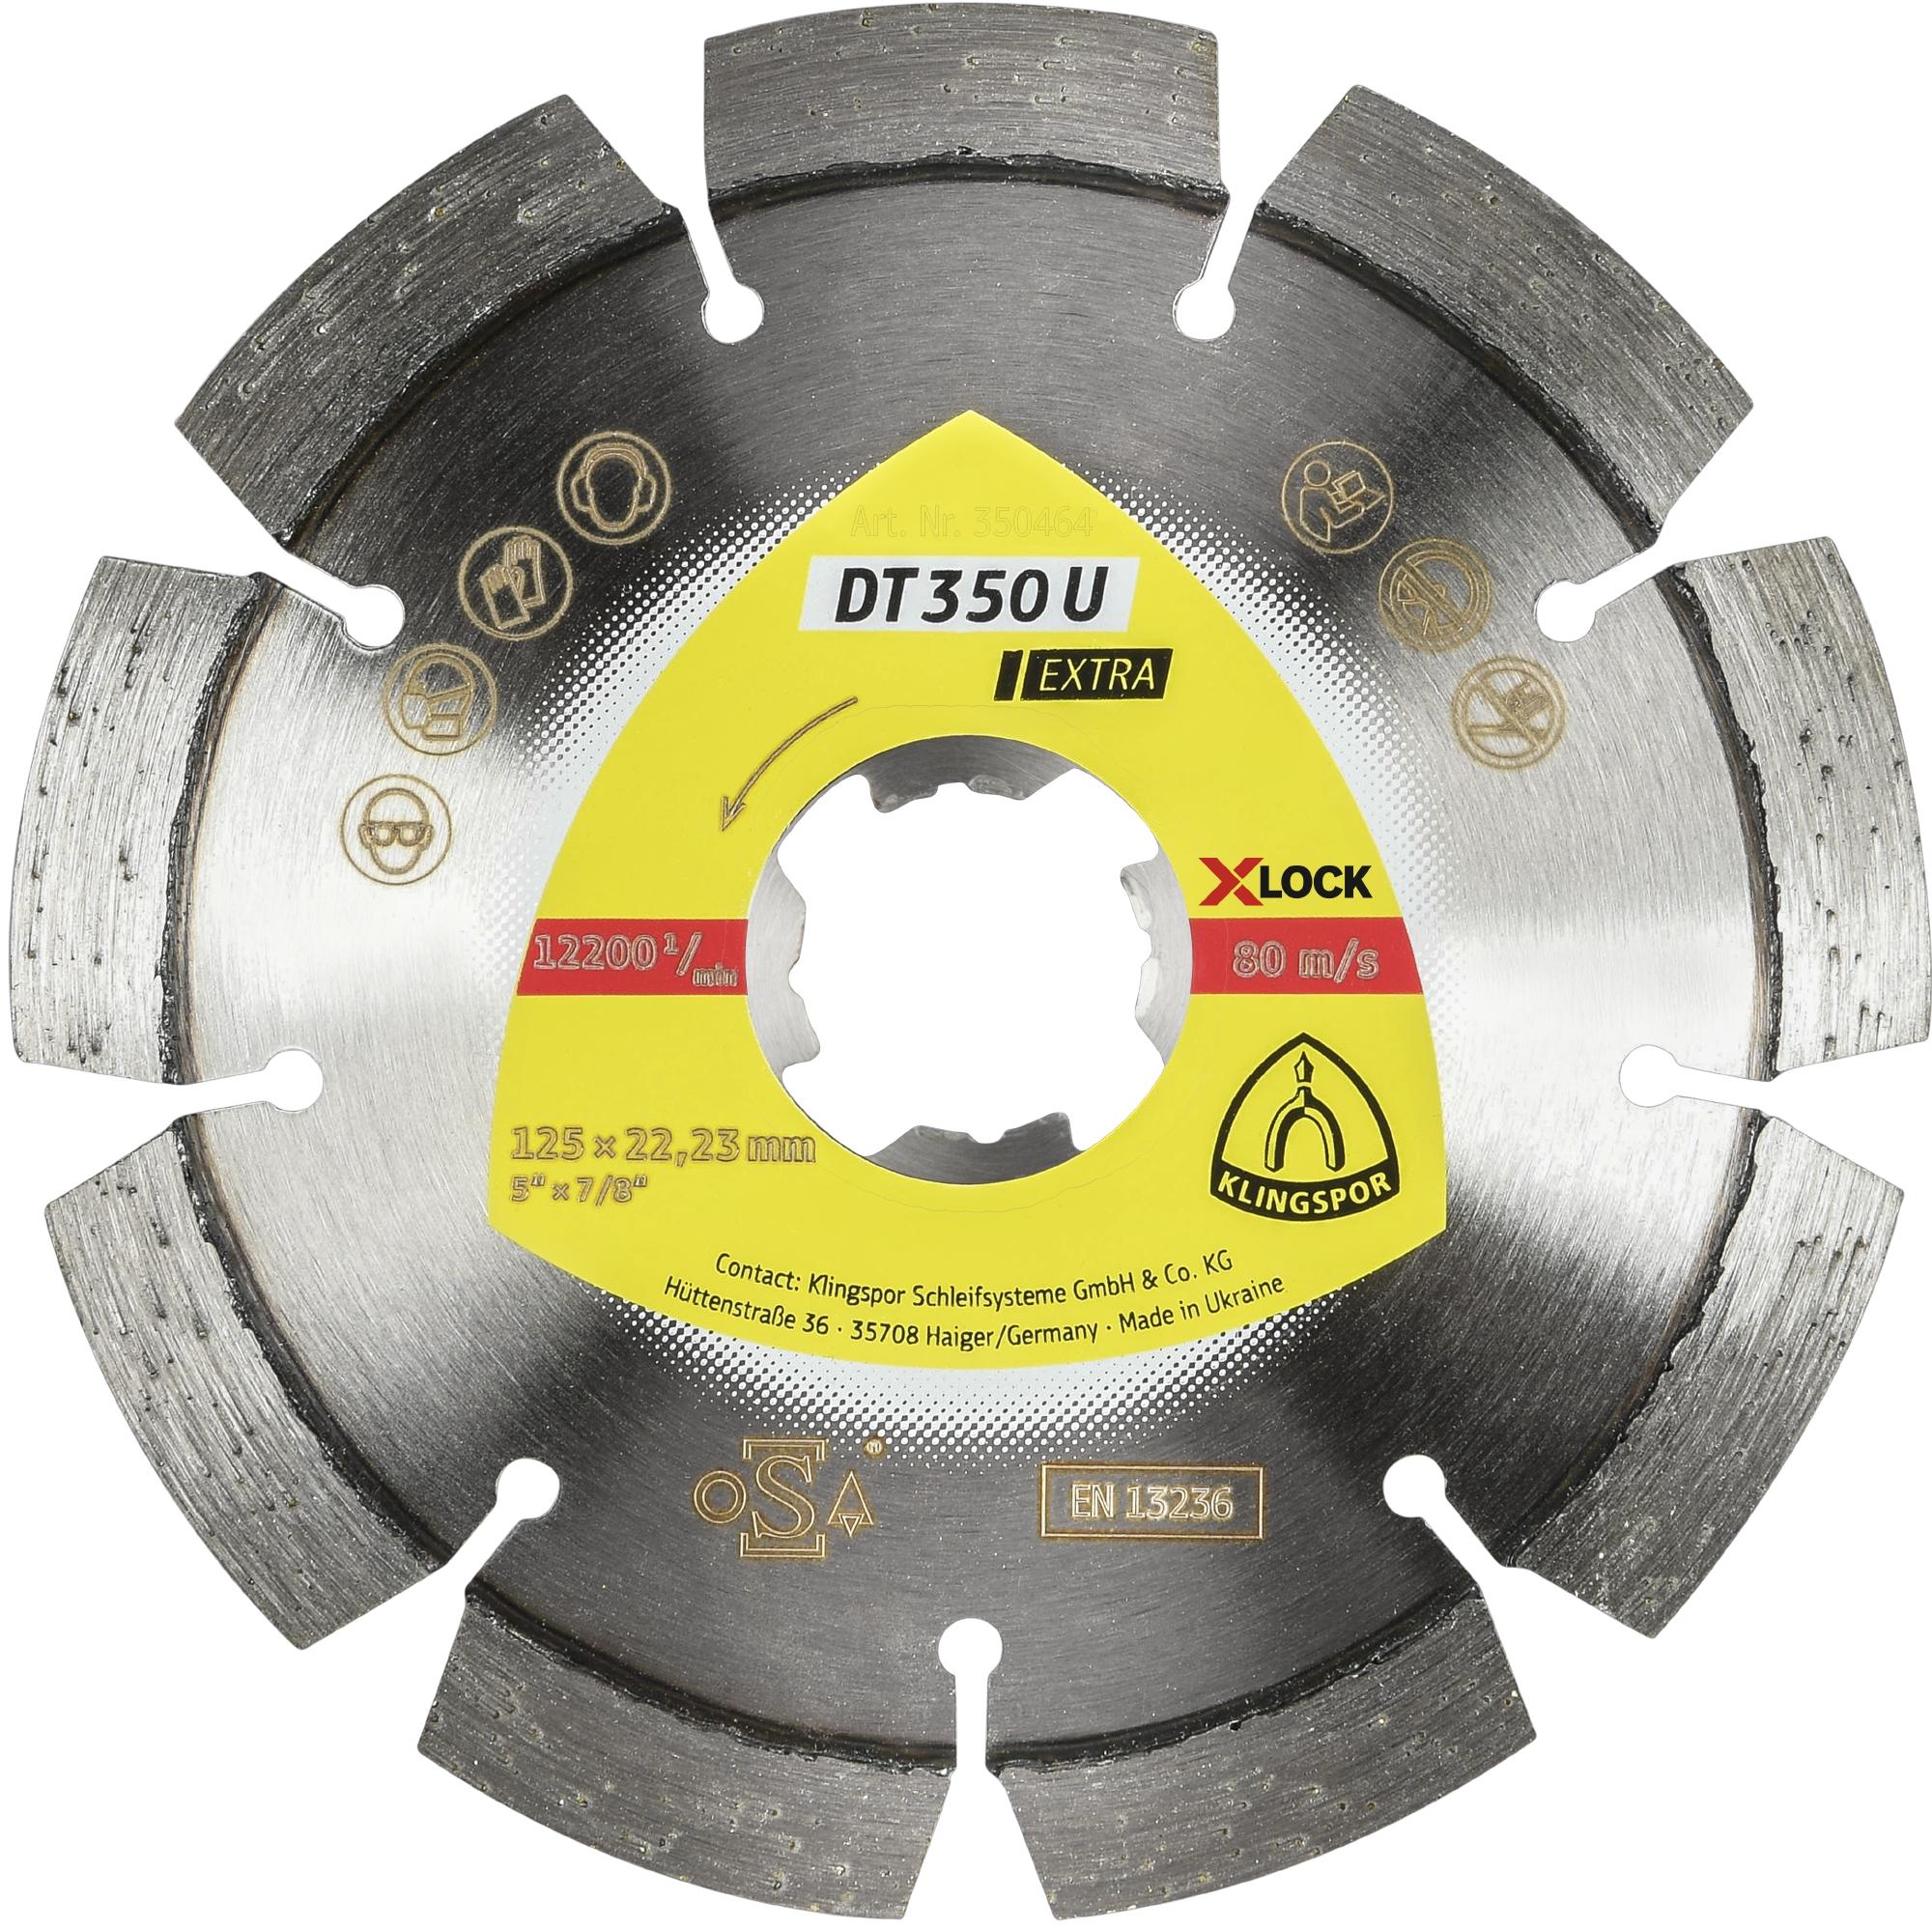 Klingspor DT 350 U Diamanttrennscheiben | X-LOCK, 115 x 2,4 x 22,23 mm 8 Segmente 33 x 2,4 x 10 mm, Standardverzahnung | 350463